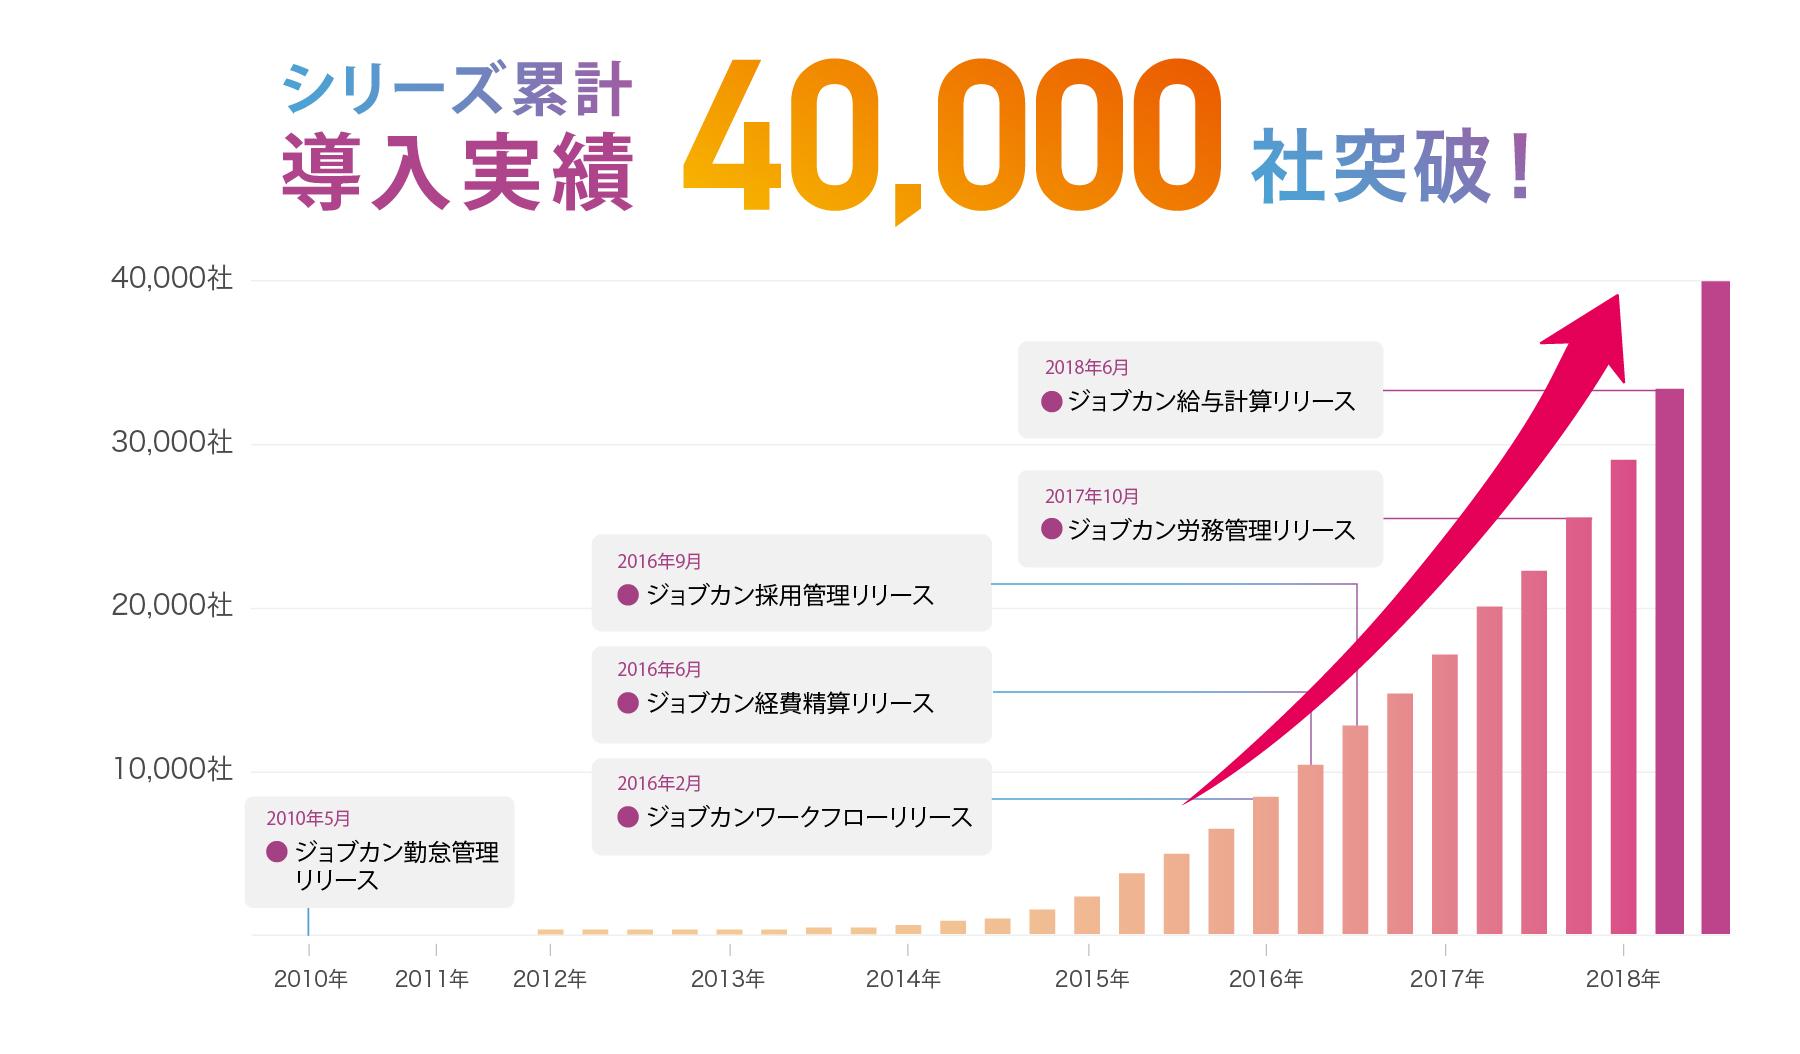 ジョブカンシリーズ導入実績累計40,000社突破記念、『ジョブカン有休管理』が4月より3ヶ月間無料の事前登録キャンペーン開始